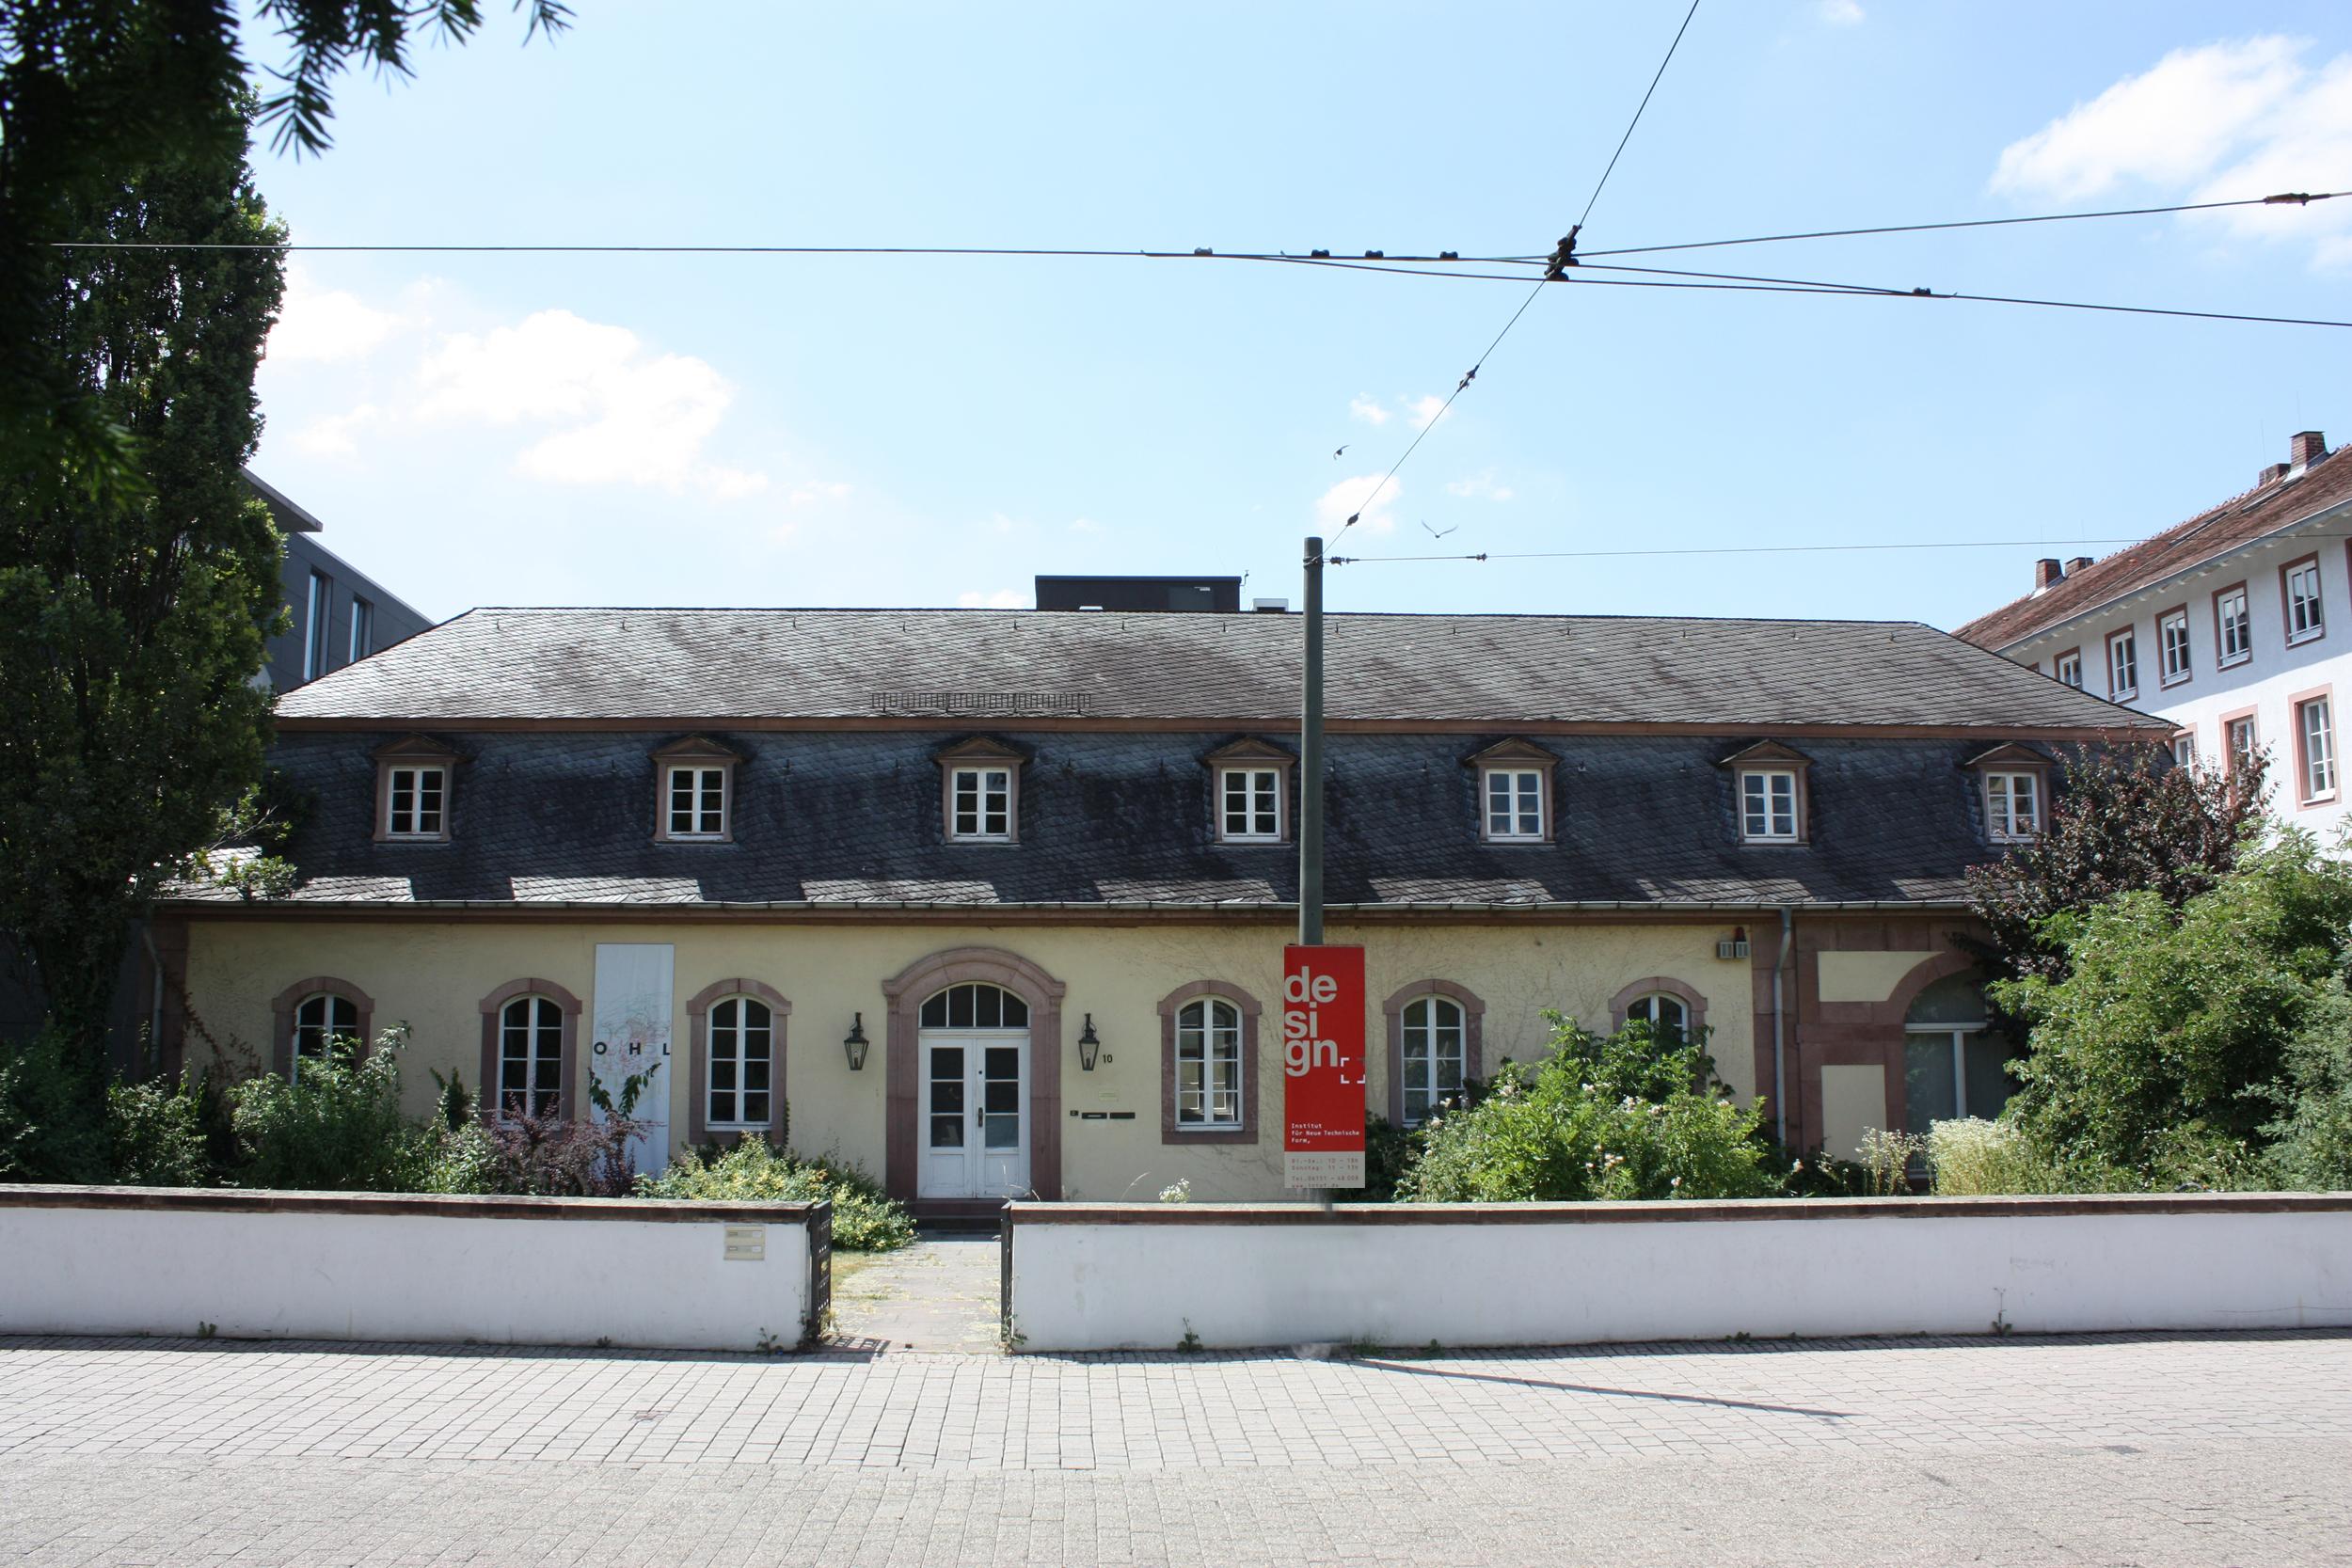 Großartig Innenarchitektur Darmstadt Sammlung Von Foto: Intef